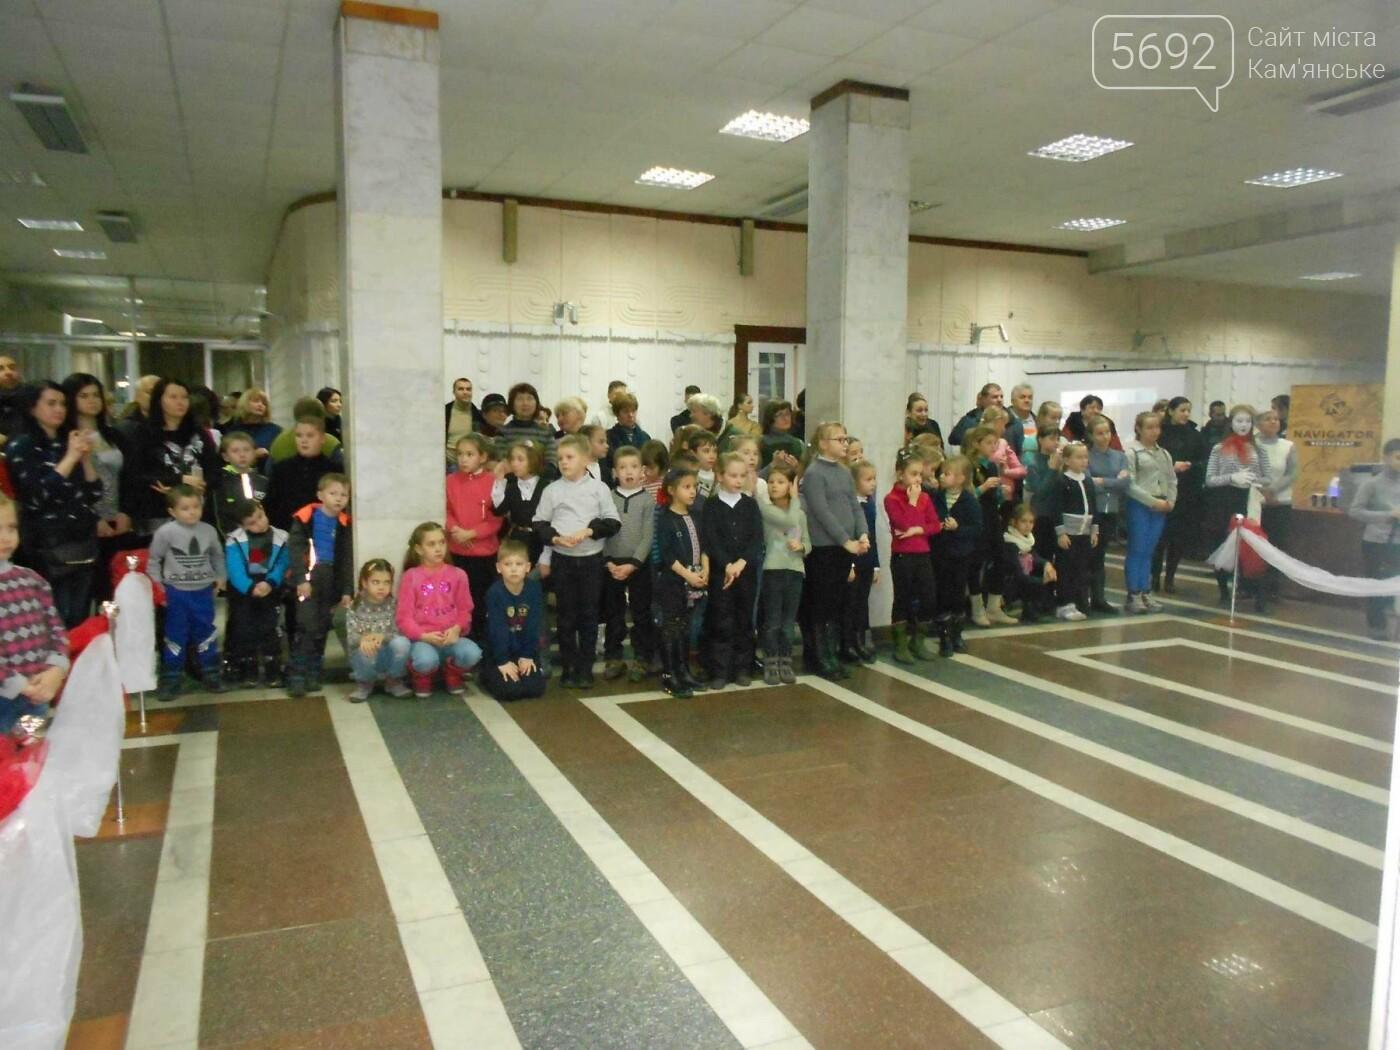 От пластилина до искусства: в Каменском открылась выставка скульптора Сергея Болдова, фото-9